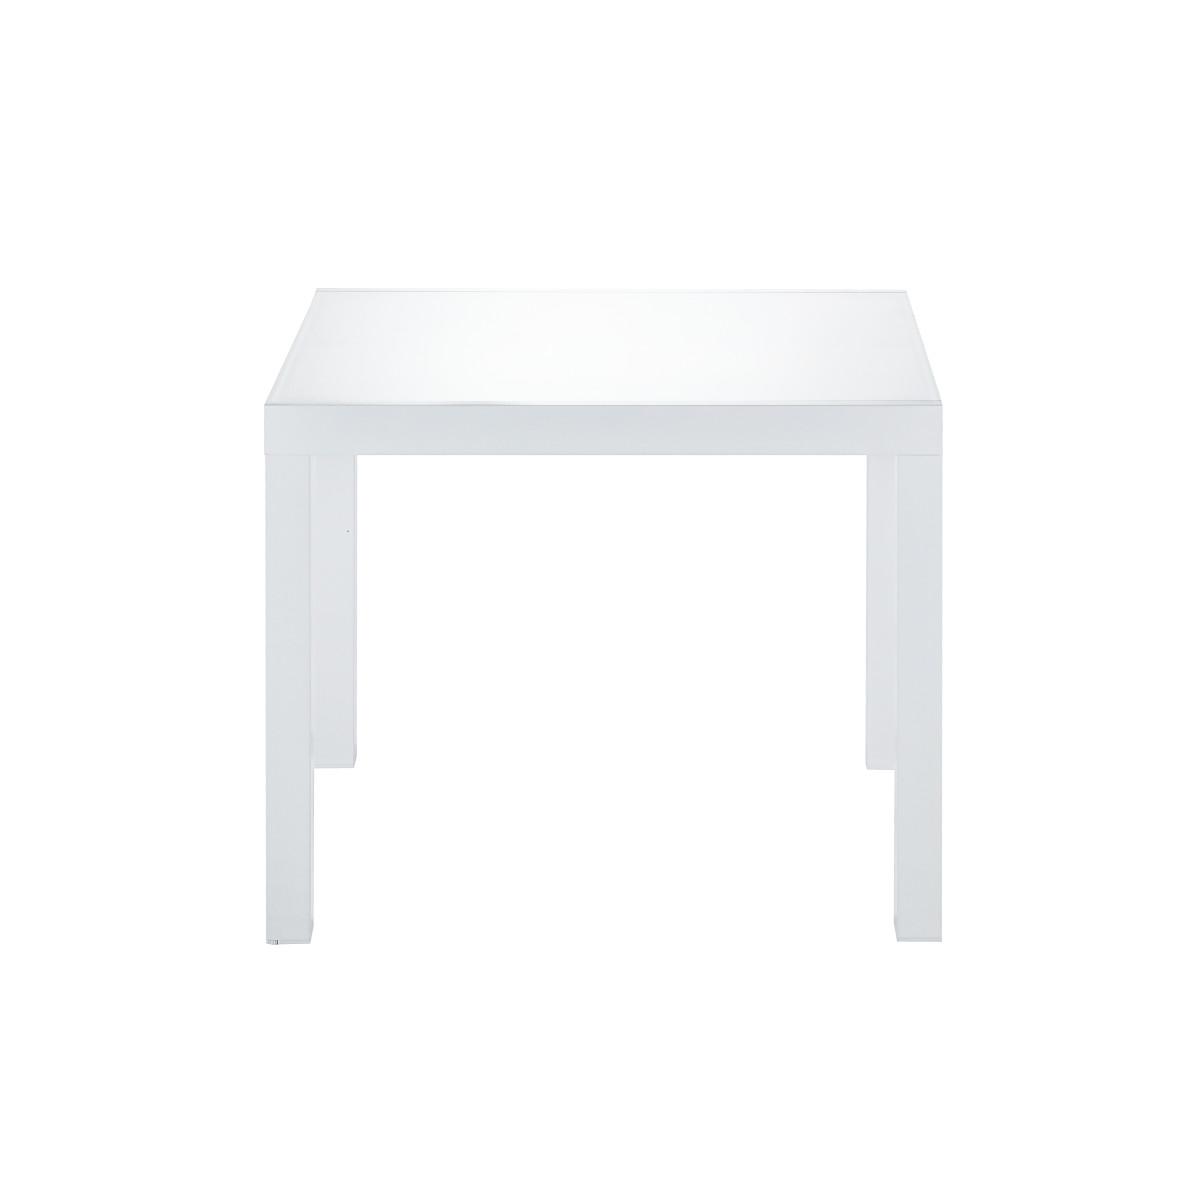 Стол садовый раздвижной Naterial Lyra Up&Down 90-160х90х75 см алюминий/стекло белый